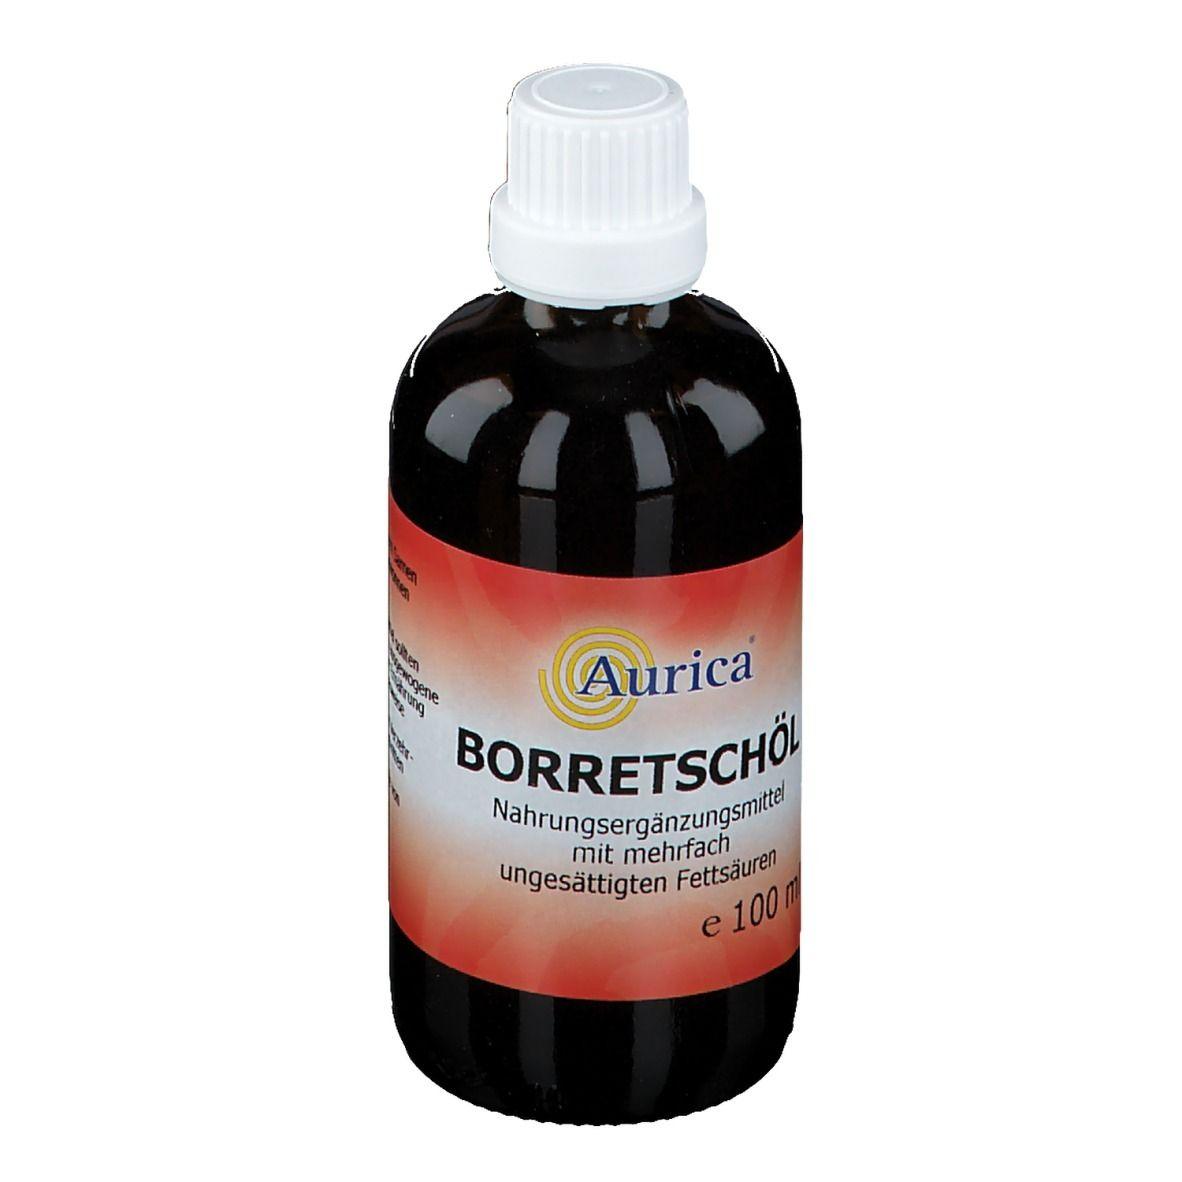 Aurica® Borretschöl